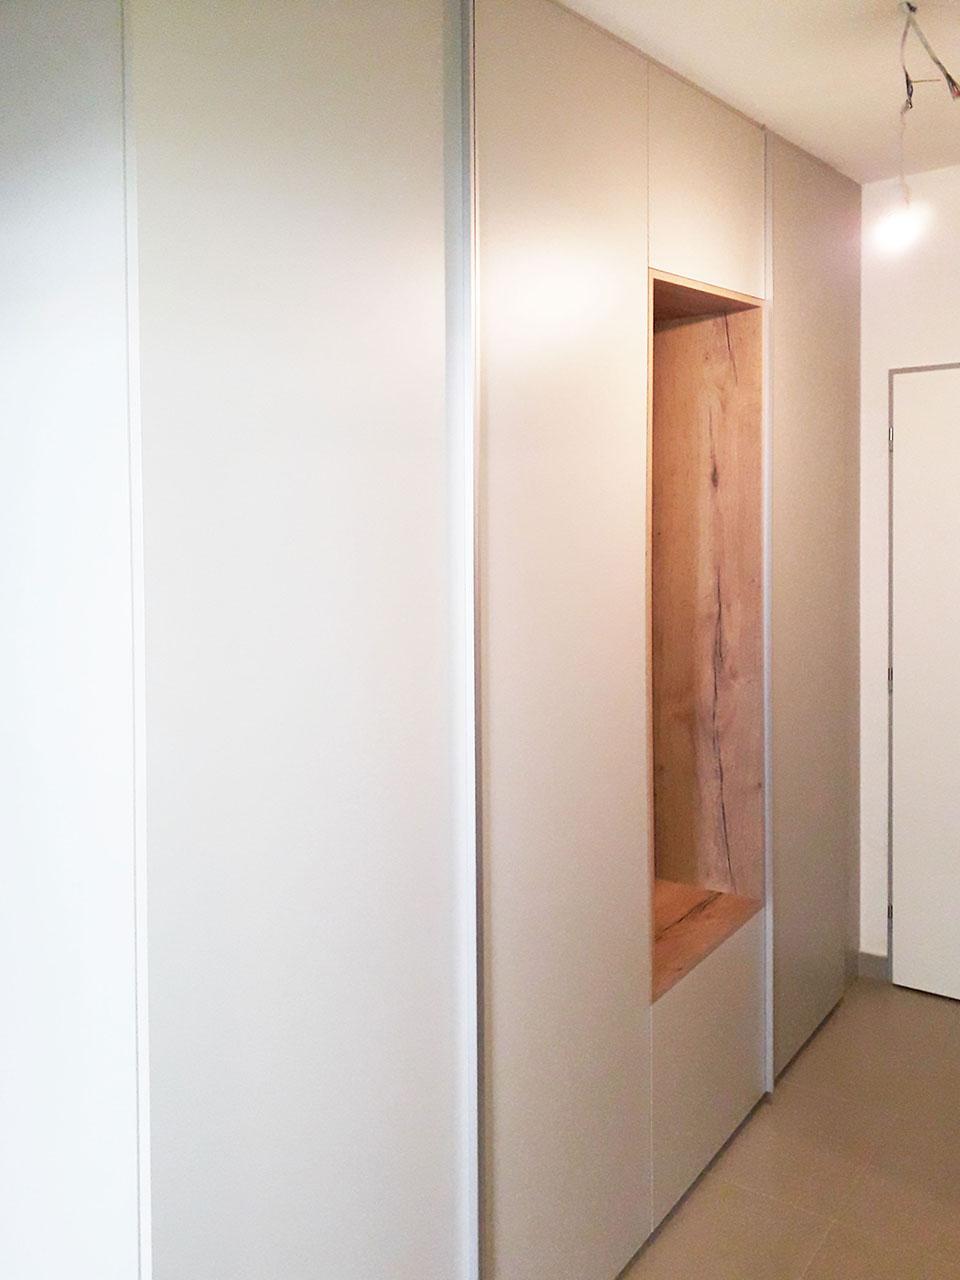 Vestavěná skříň do chodby s pantovými dveřmi a otevřenou dubovou částí s věšáky.